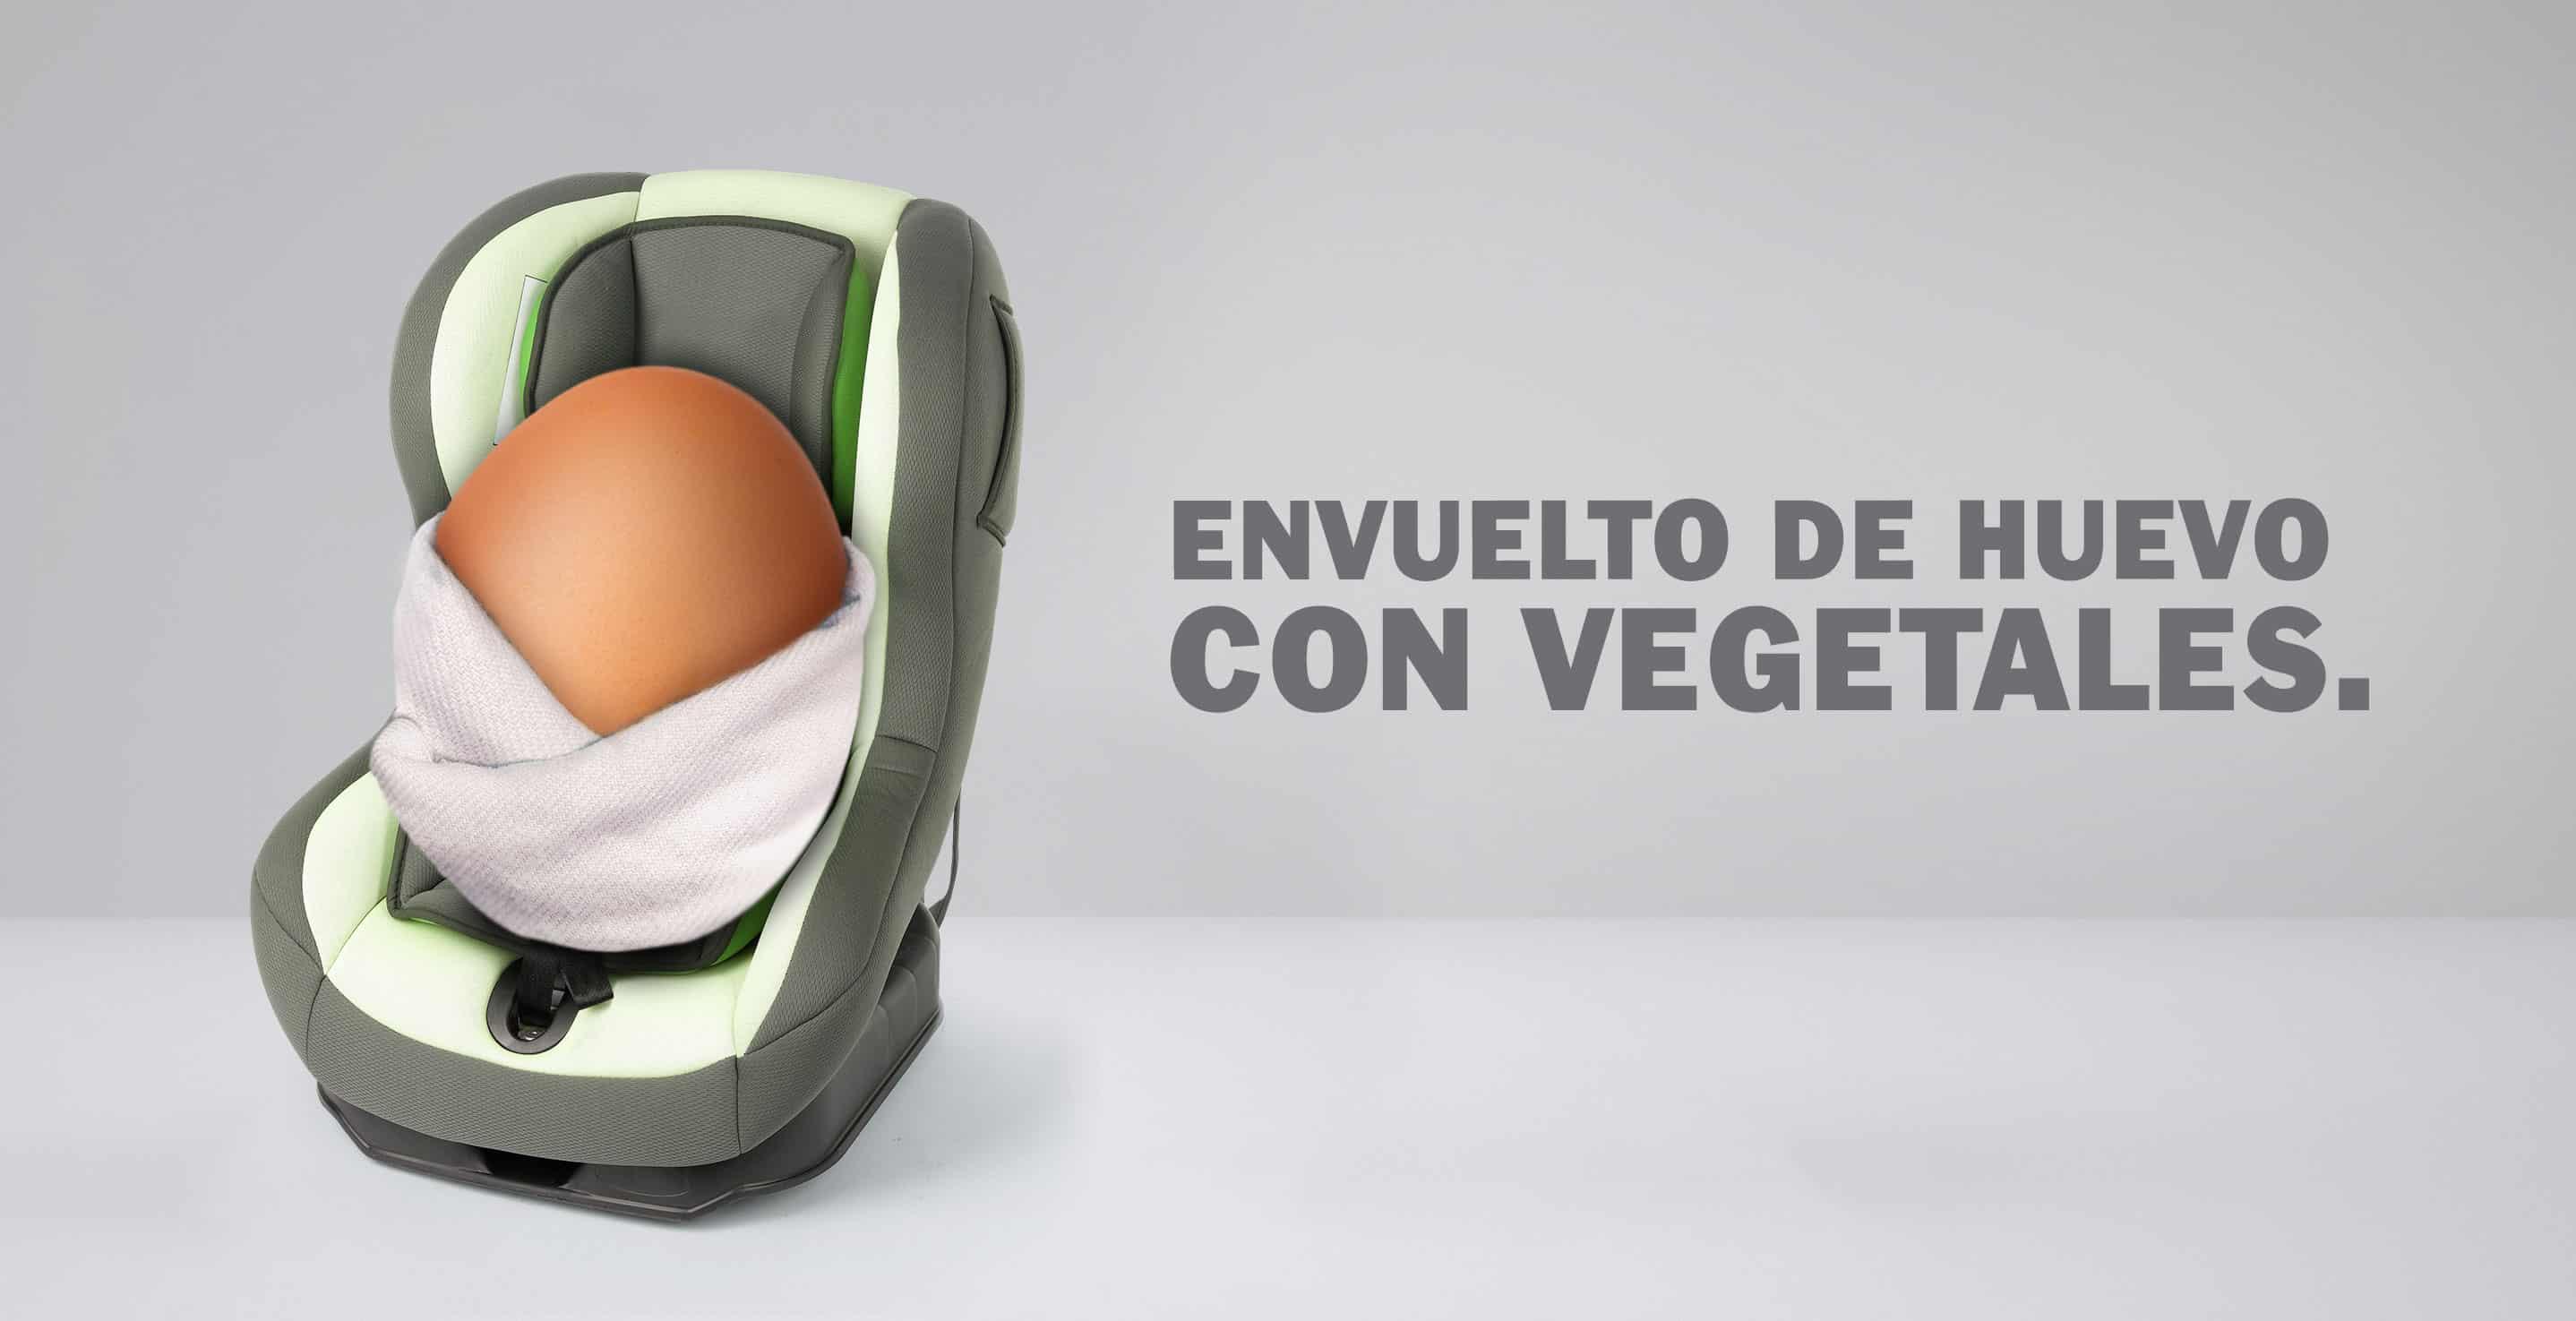 cartelera_d_envuelto_de_huevo_con_vegetales